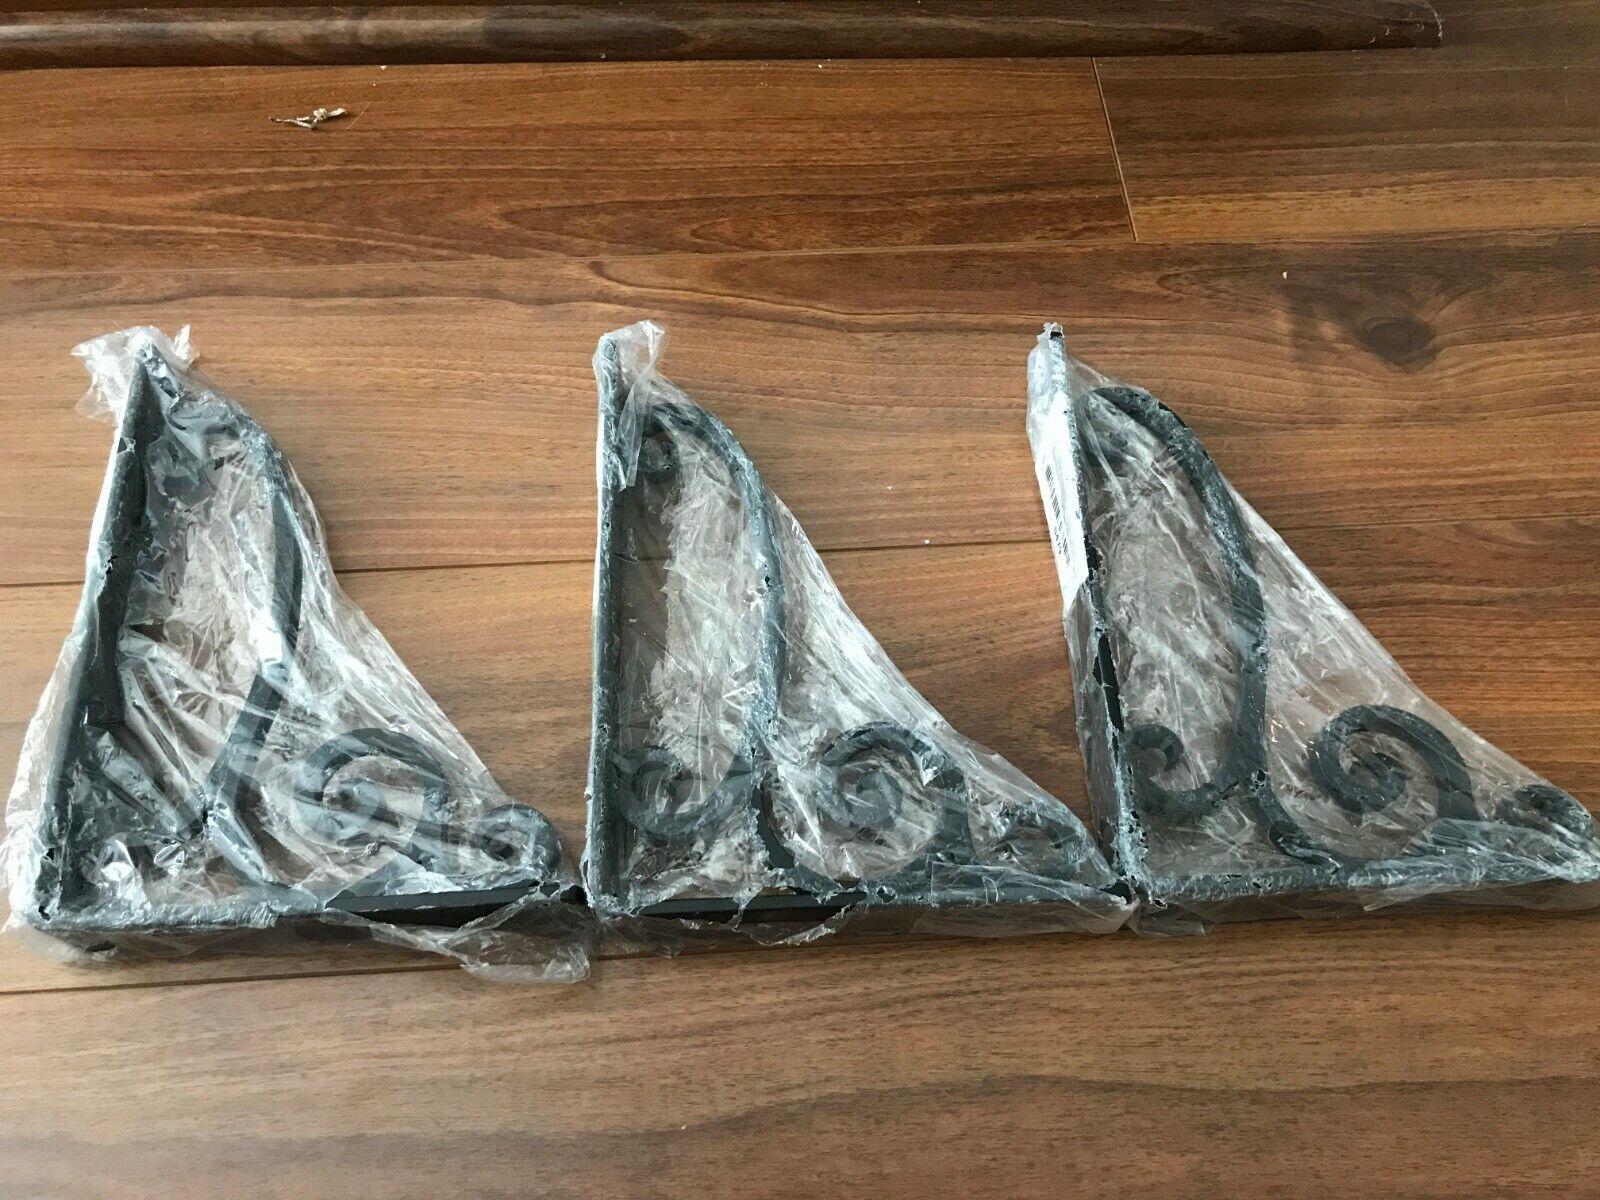 Ekena Millwork 2 25 In W X 6 In D X 10 In H Stockport Bracket Red Oak For Sale Ebay